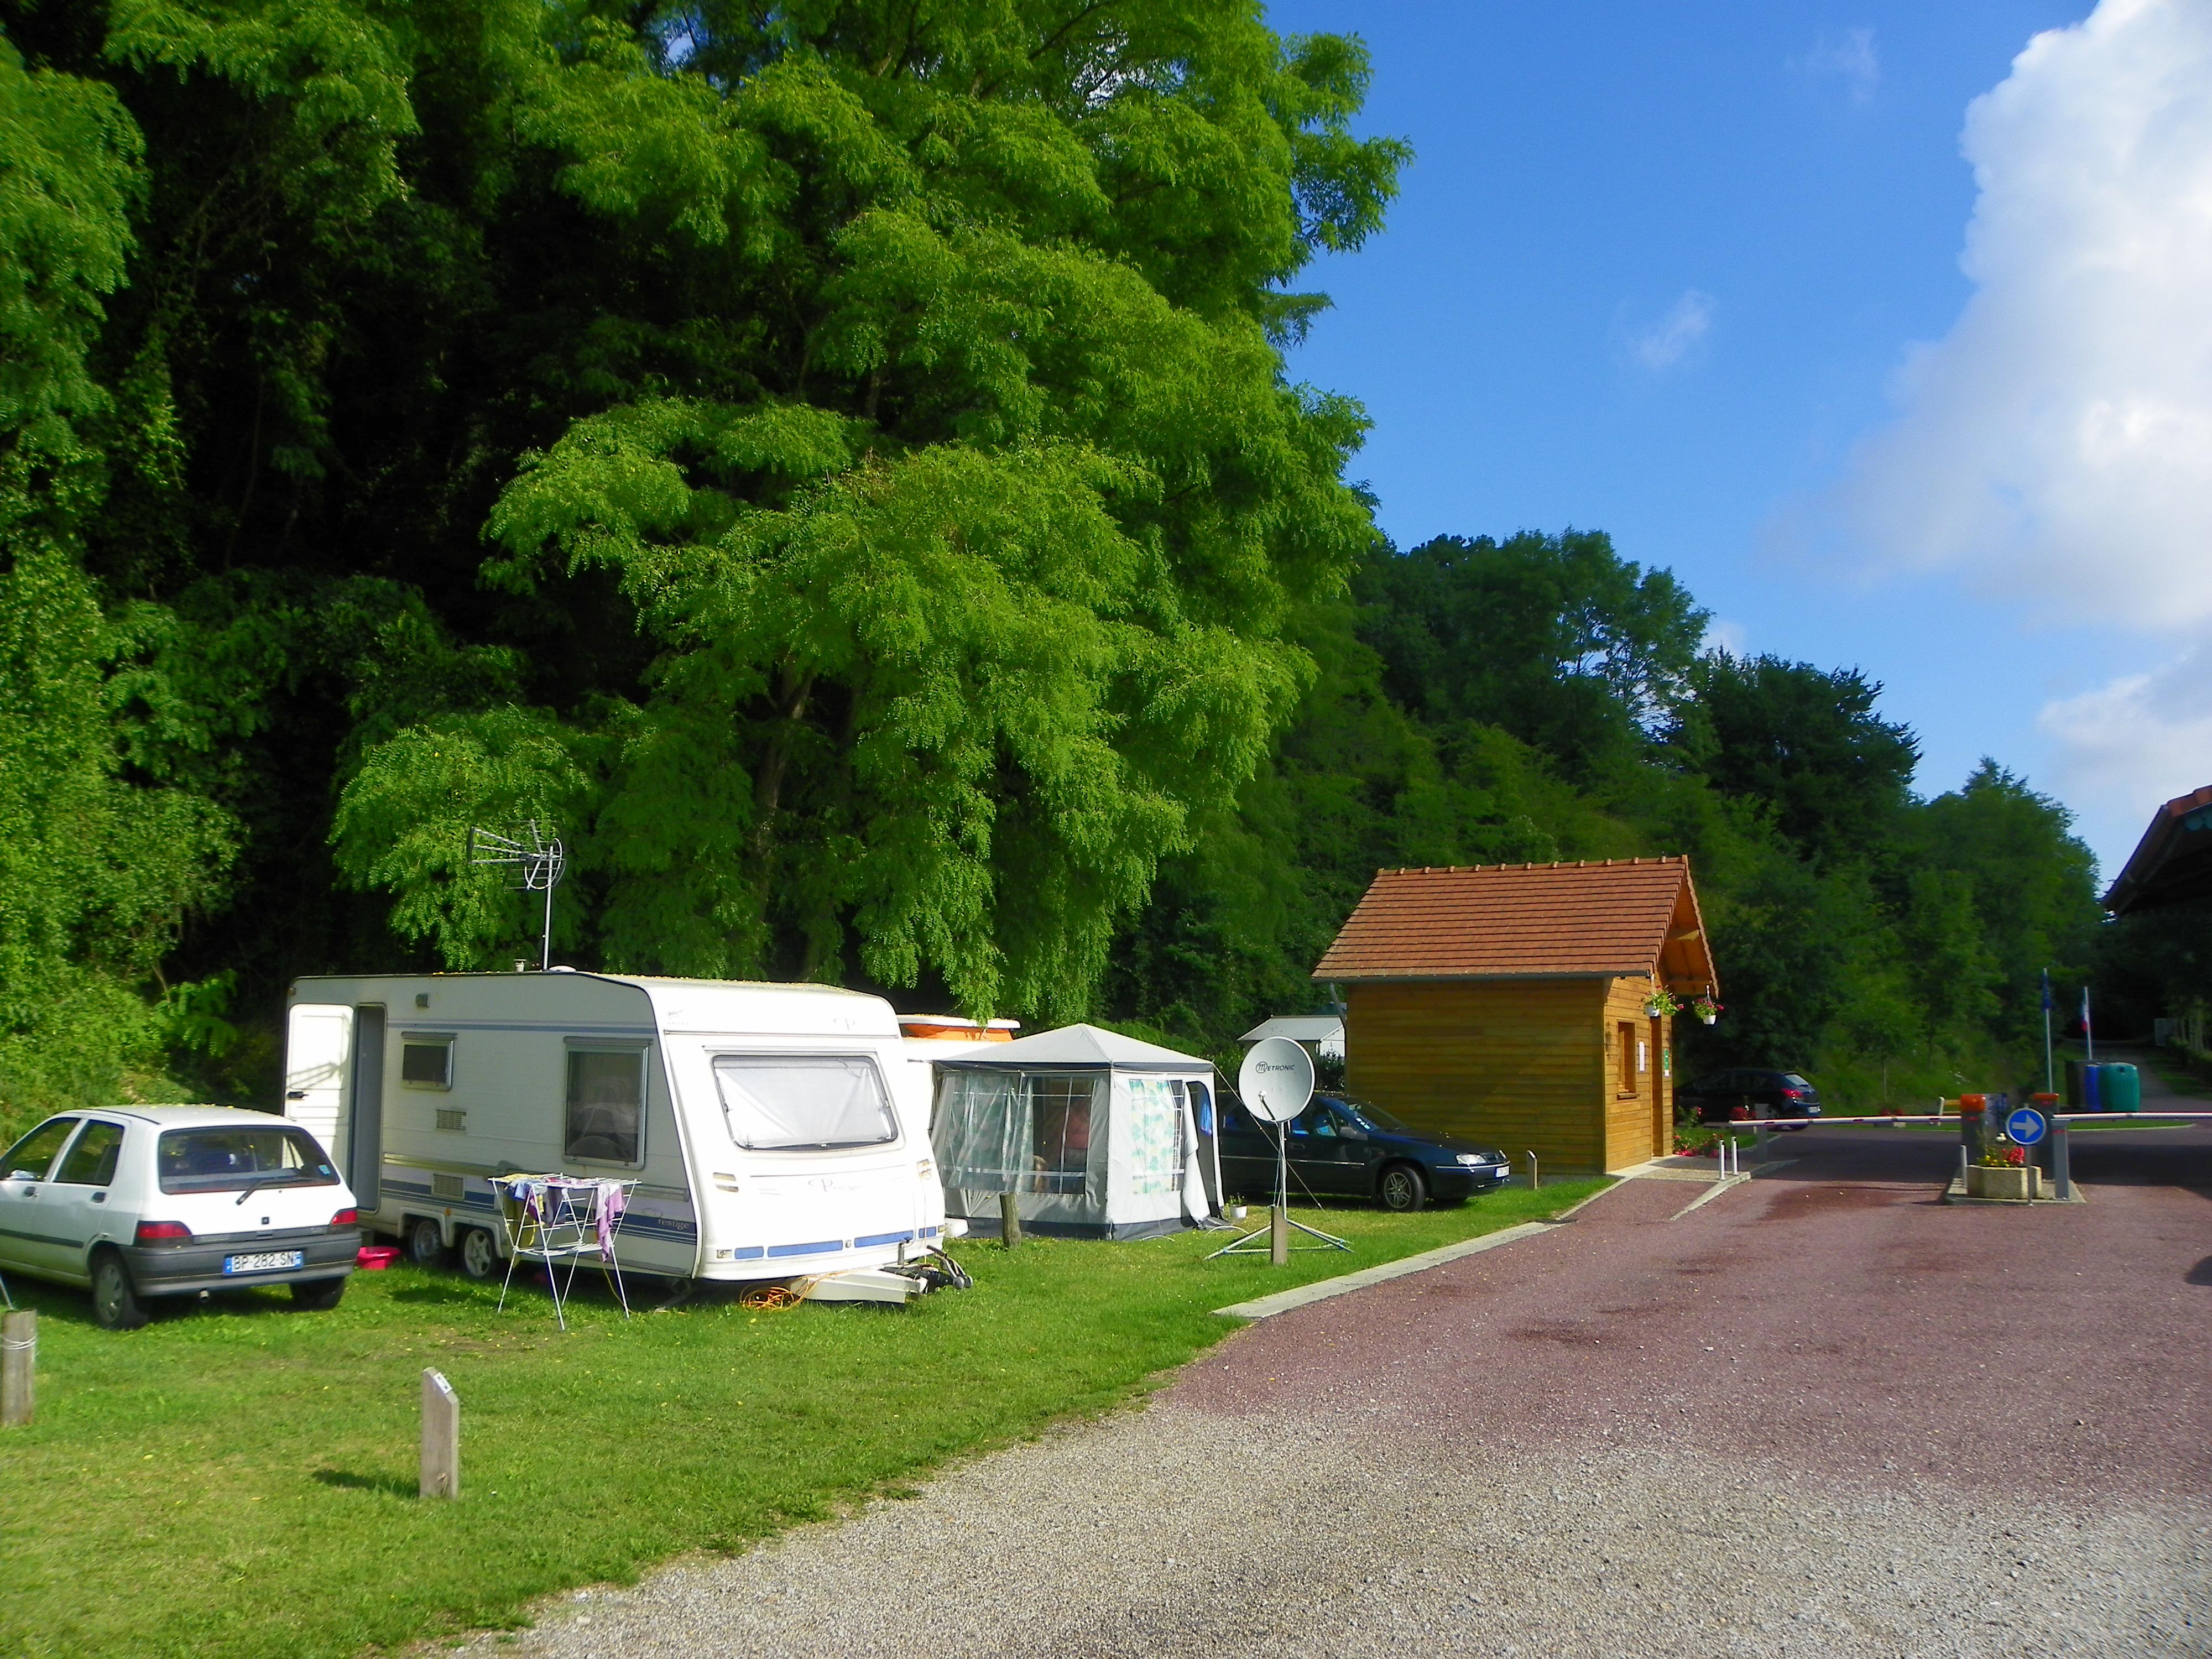 Camping Les Acacias : HPA Camping Les Acacias - Trouffreville-sur-Eu - Campings - Office de Tourisme Le Tréport